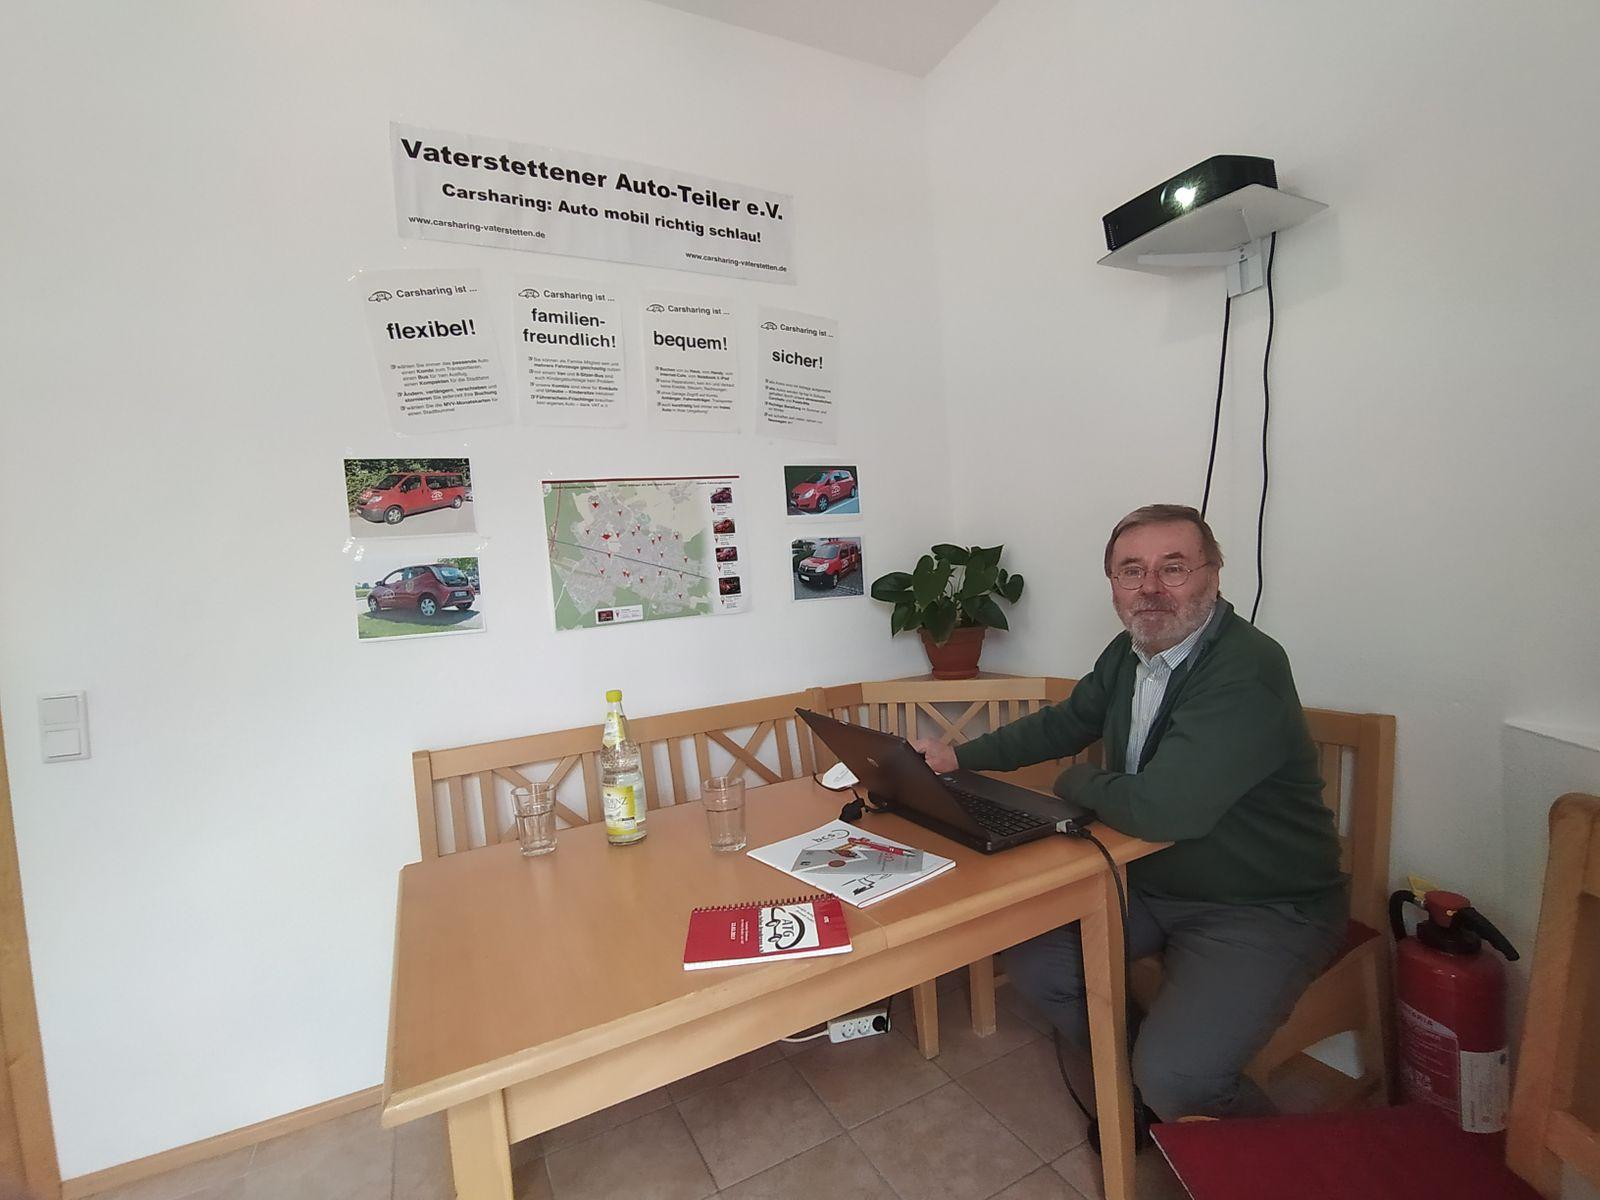 Klaus Breindl vom Vaterstettener Autoteiler